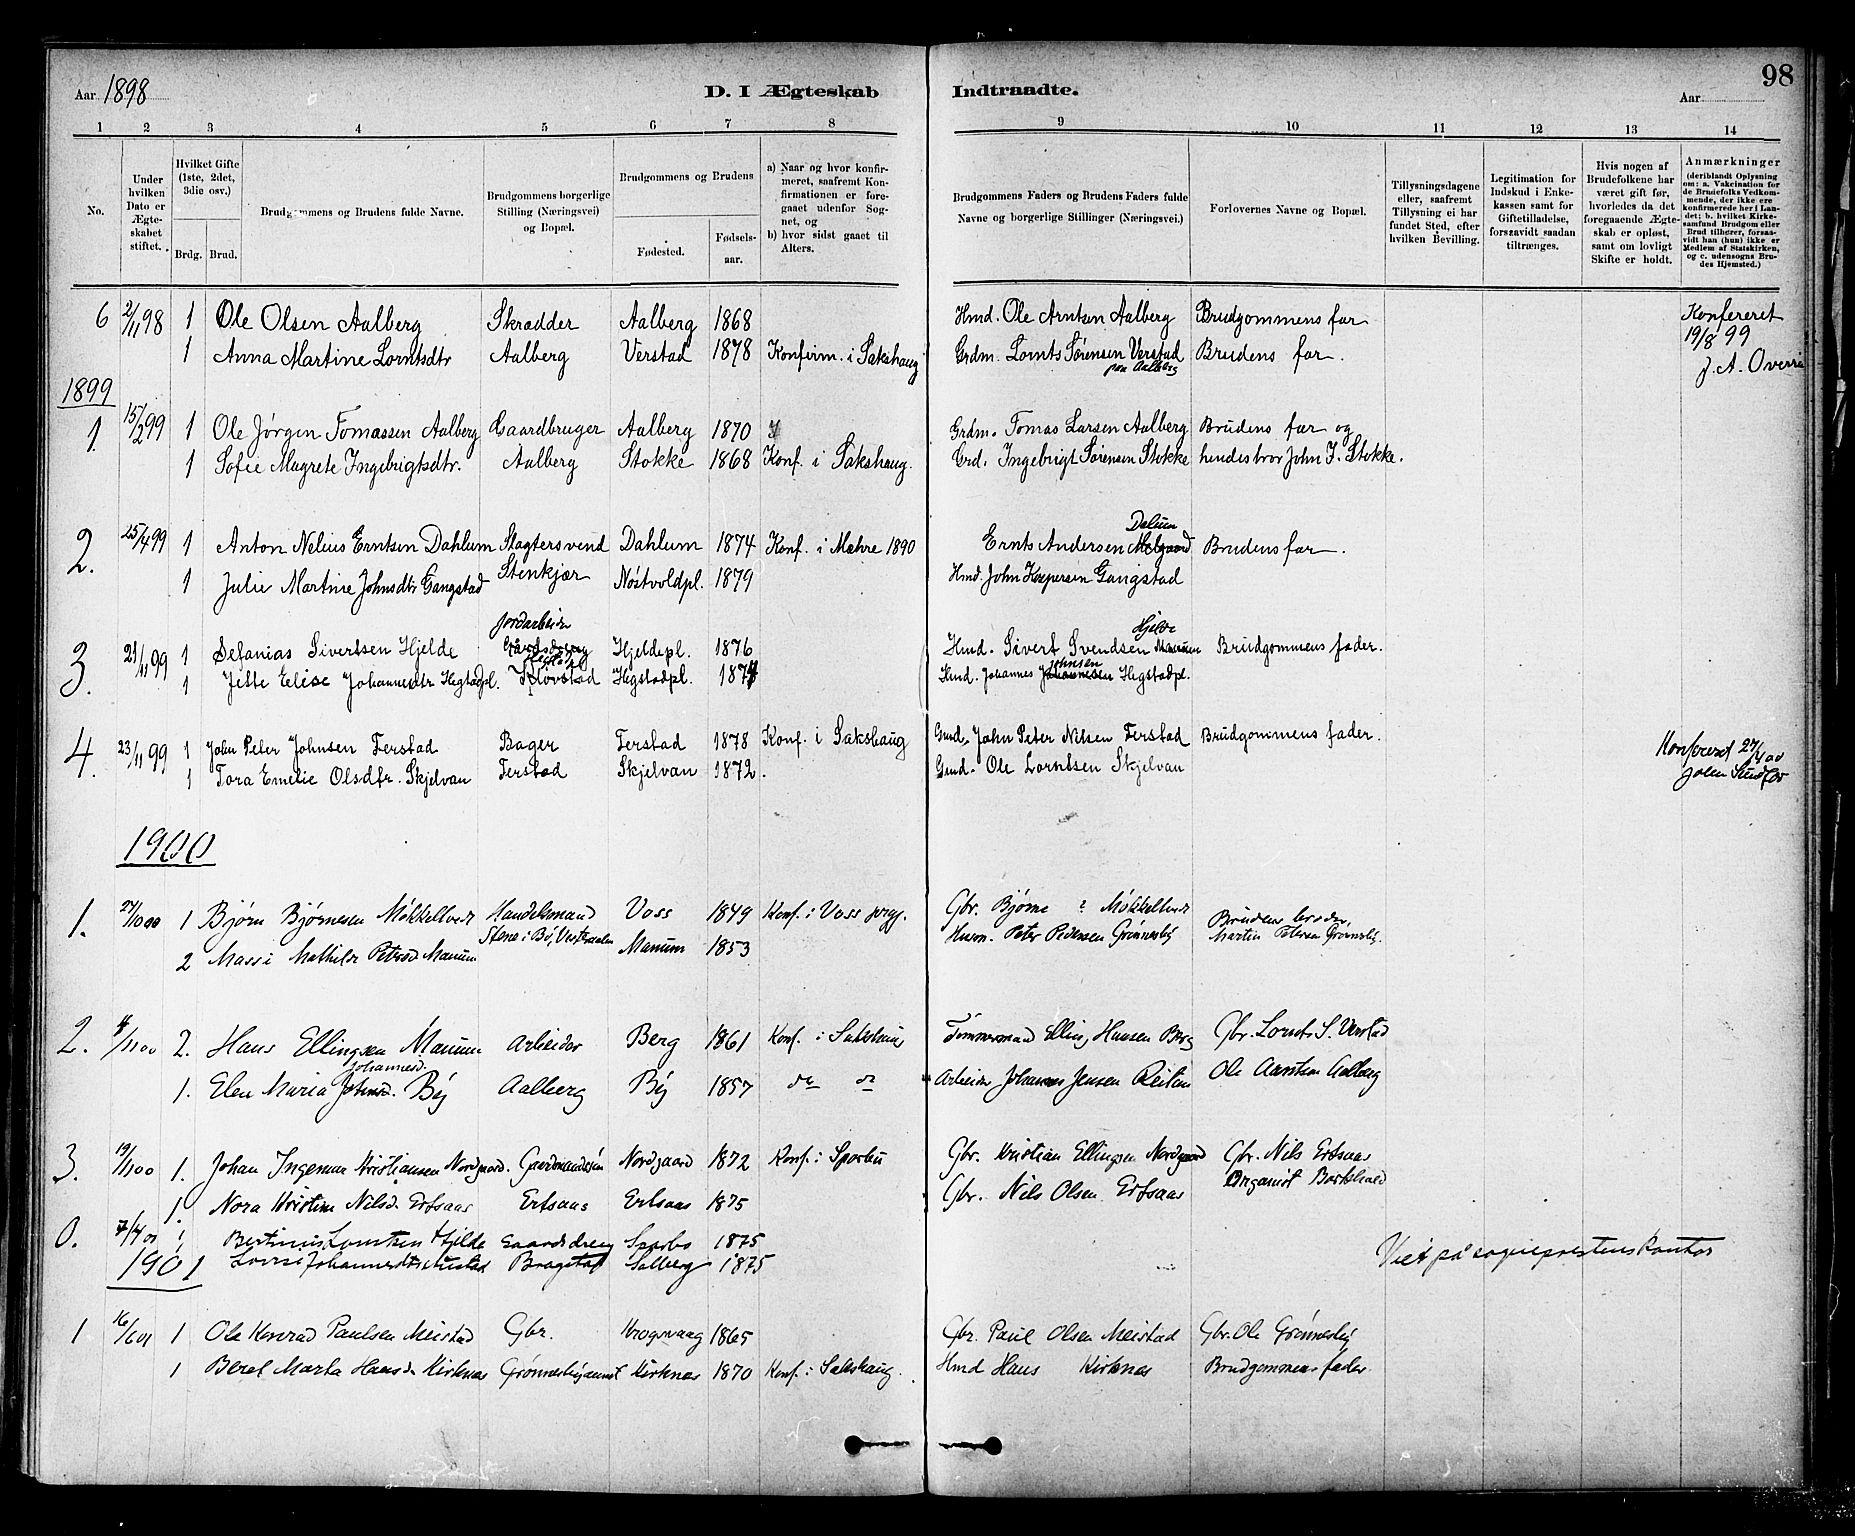 SAT, Ministerialprotokoller, klokkerbøker og fødselsregistre - Nord-Trøndelag, 732/L0318: Klokkerbok nr. 732C02, 1881-1911, s. 98